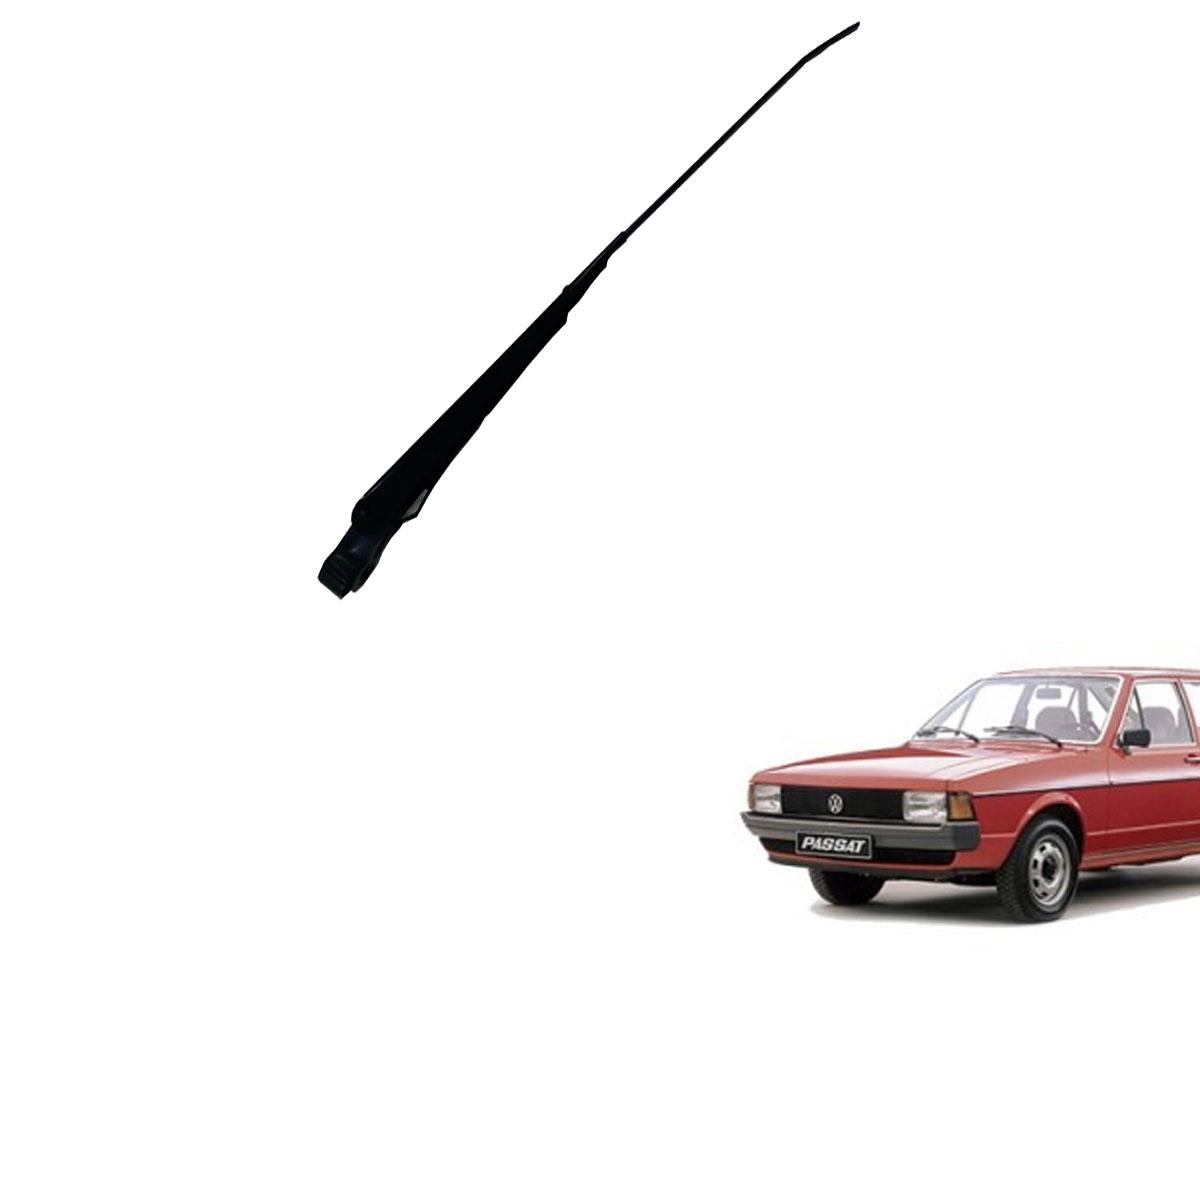 Braço Limpador PASSAT - 1977 até 1989  (G749) - GRANEIRO - P